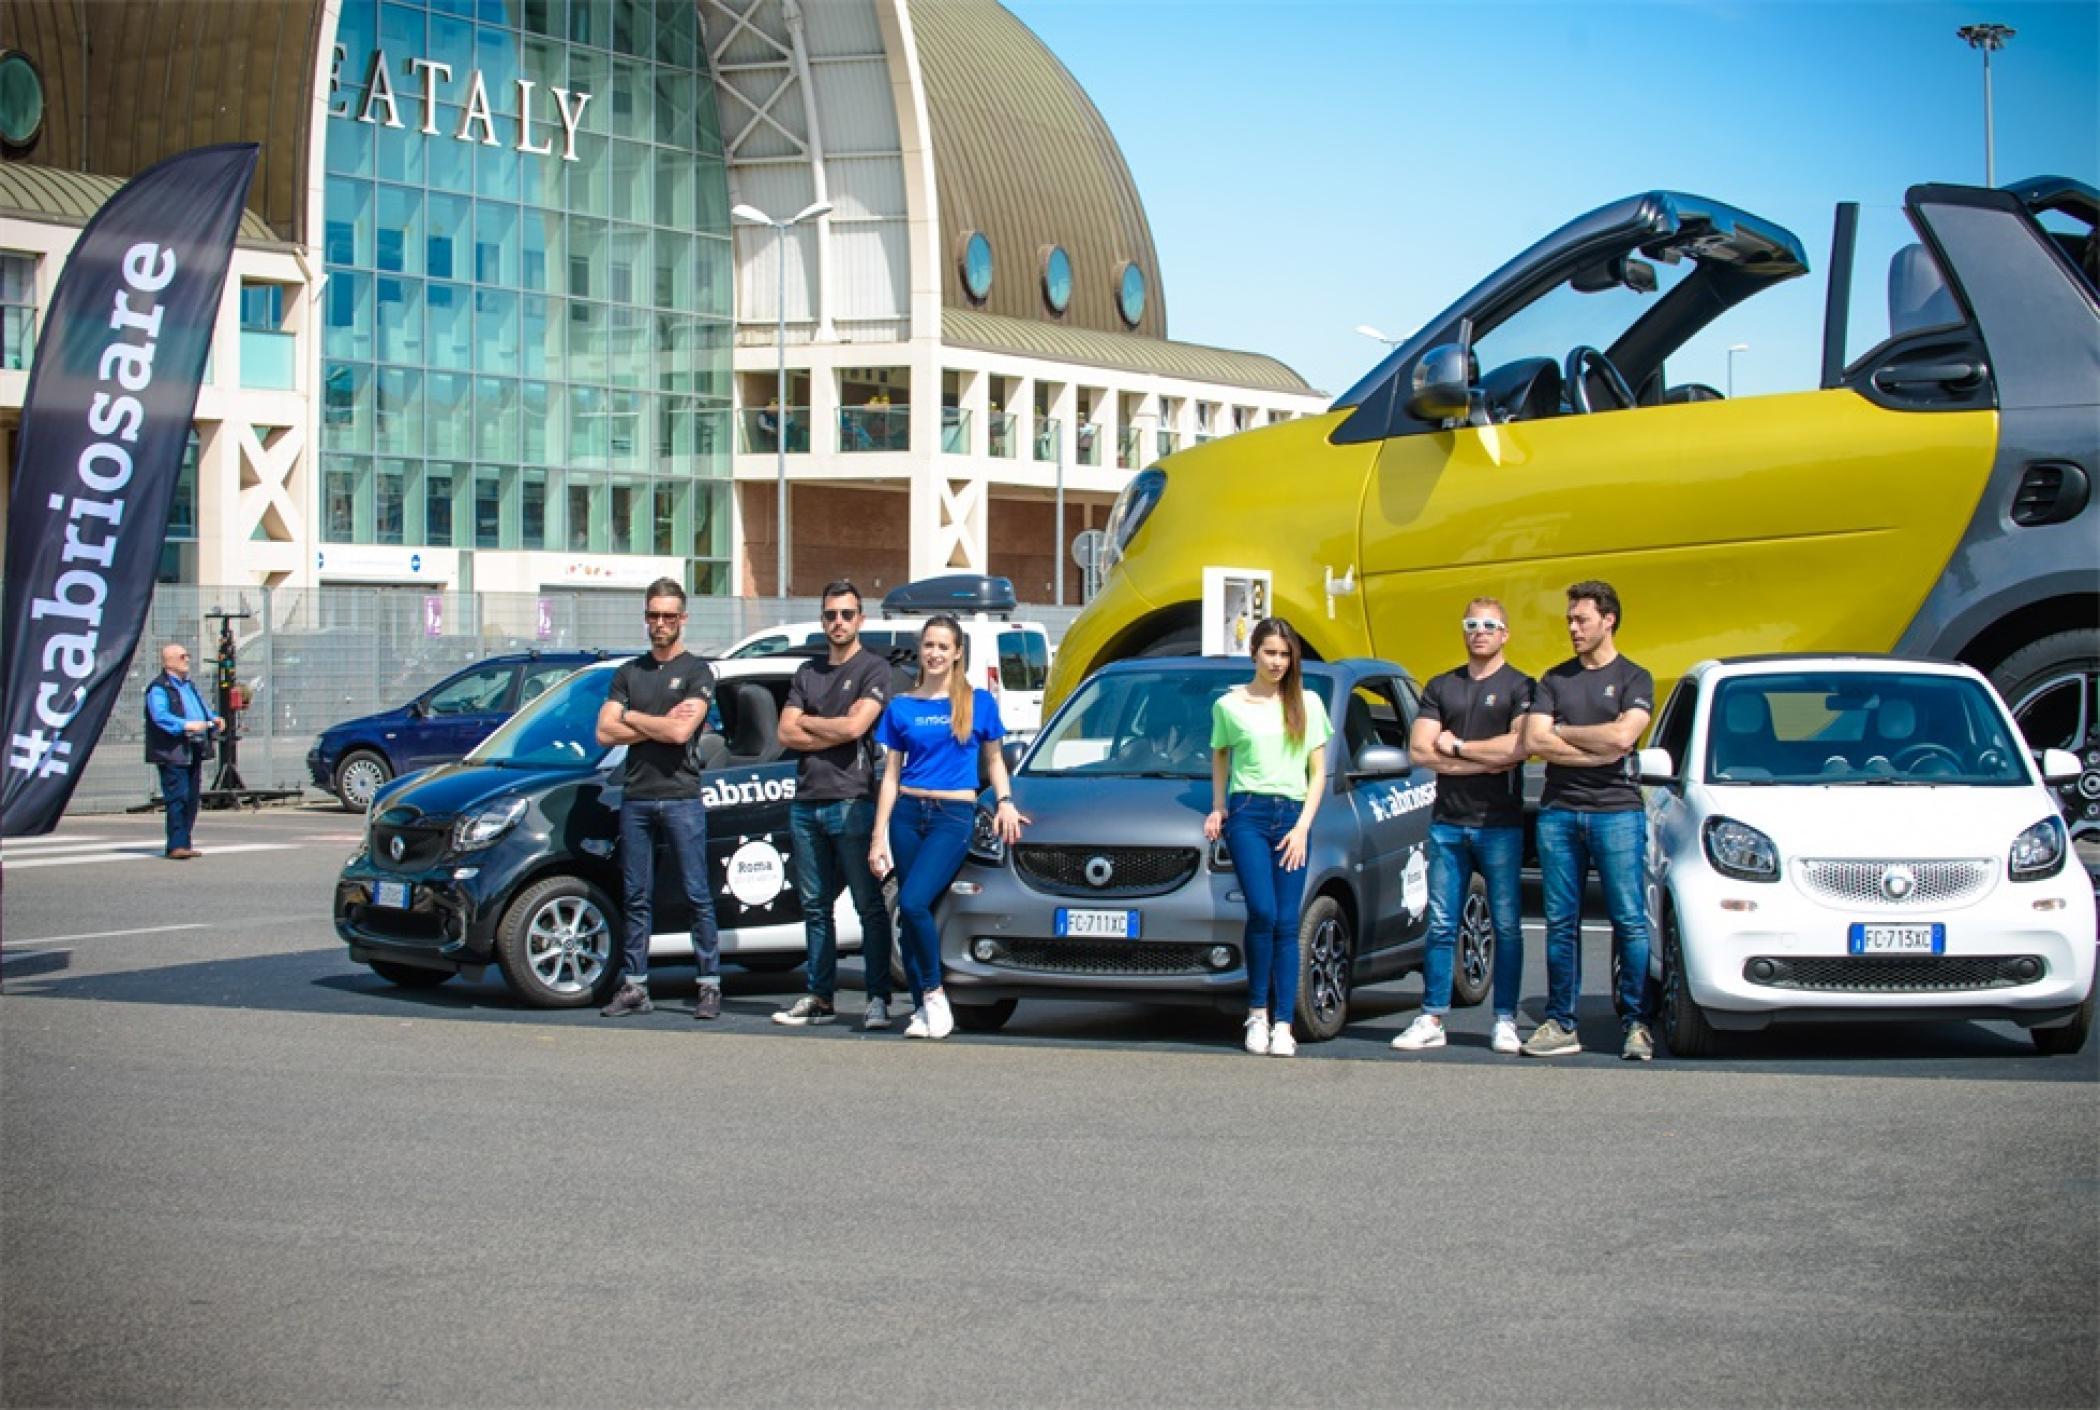 奔驰smart快闪式推广活动策划用两年造出了5米高的庞然大物forfun3,霸气